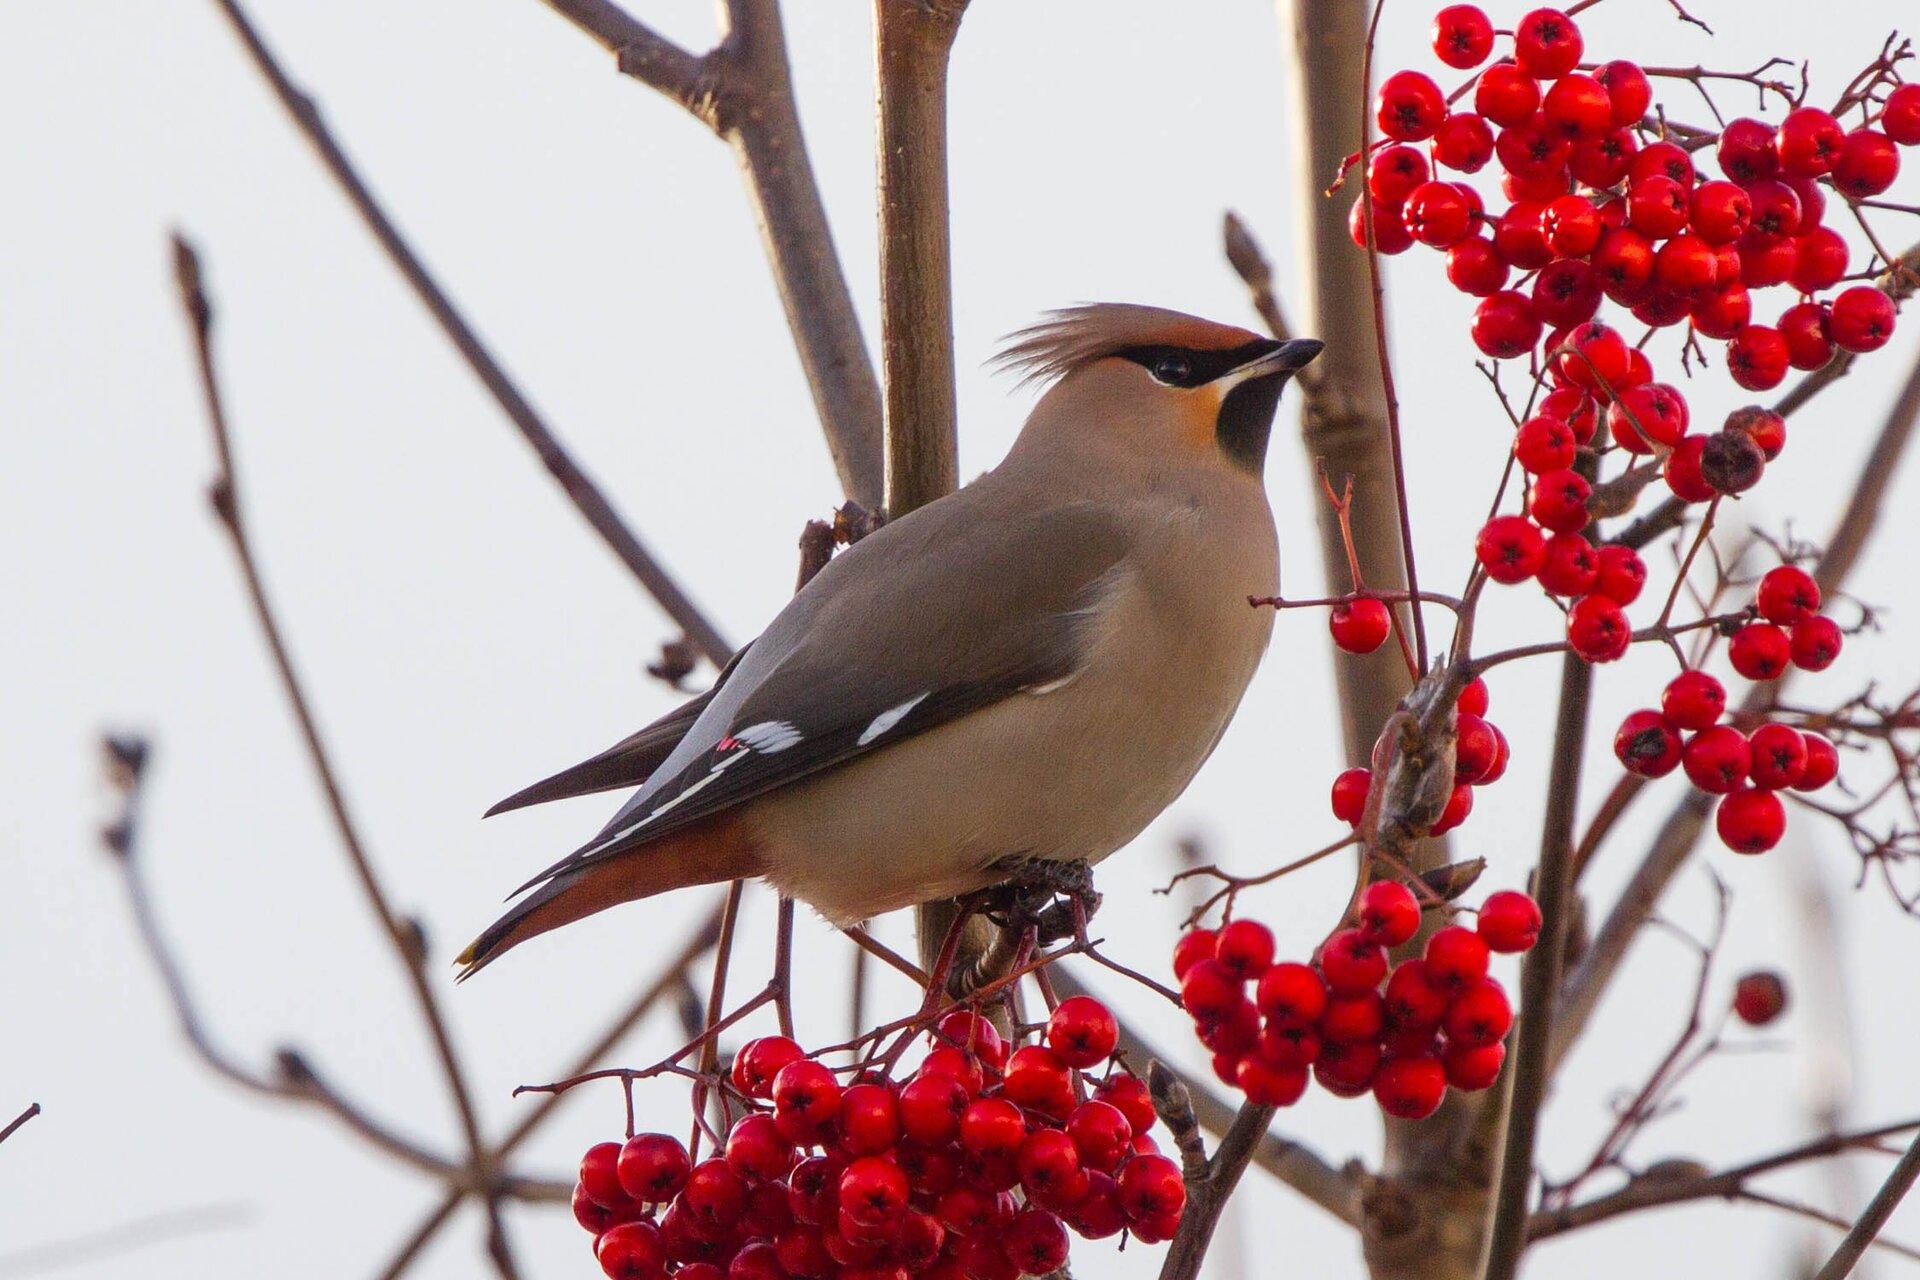 Fotografia prezentuje jemiołuszkę siedzącą na gałęzi zczerwonymi owocami jarzębiny. Jemiołuszka ma krępą, niewielką sylwetkę. Upierzenie brązowoszare.Na skrzydłach pióra mają białe paski. Ogon czarny zżółtym obramowaniem na końcu, na skrzydłach dwie duże białe pręgi. Pokrywy podogonowe są rdzawe. Dziób inogi czarne.